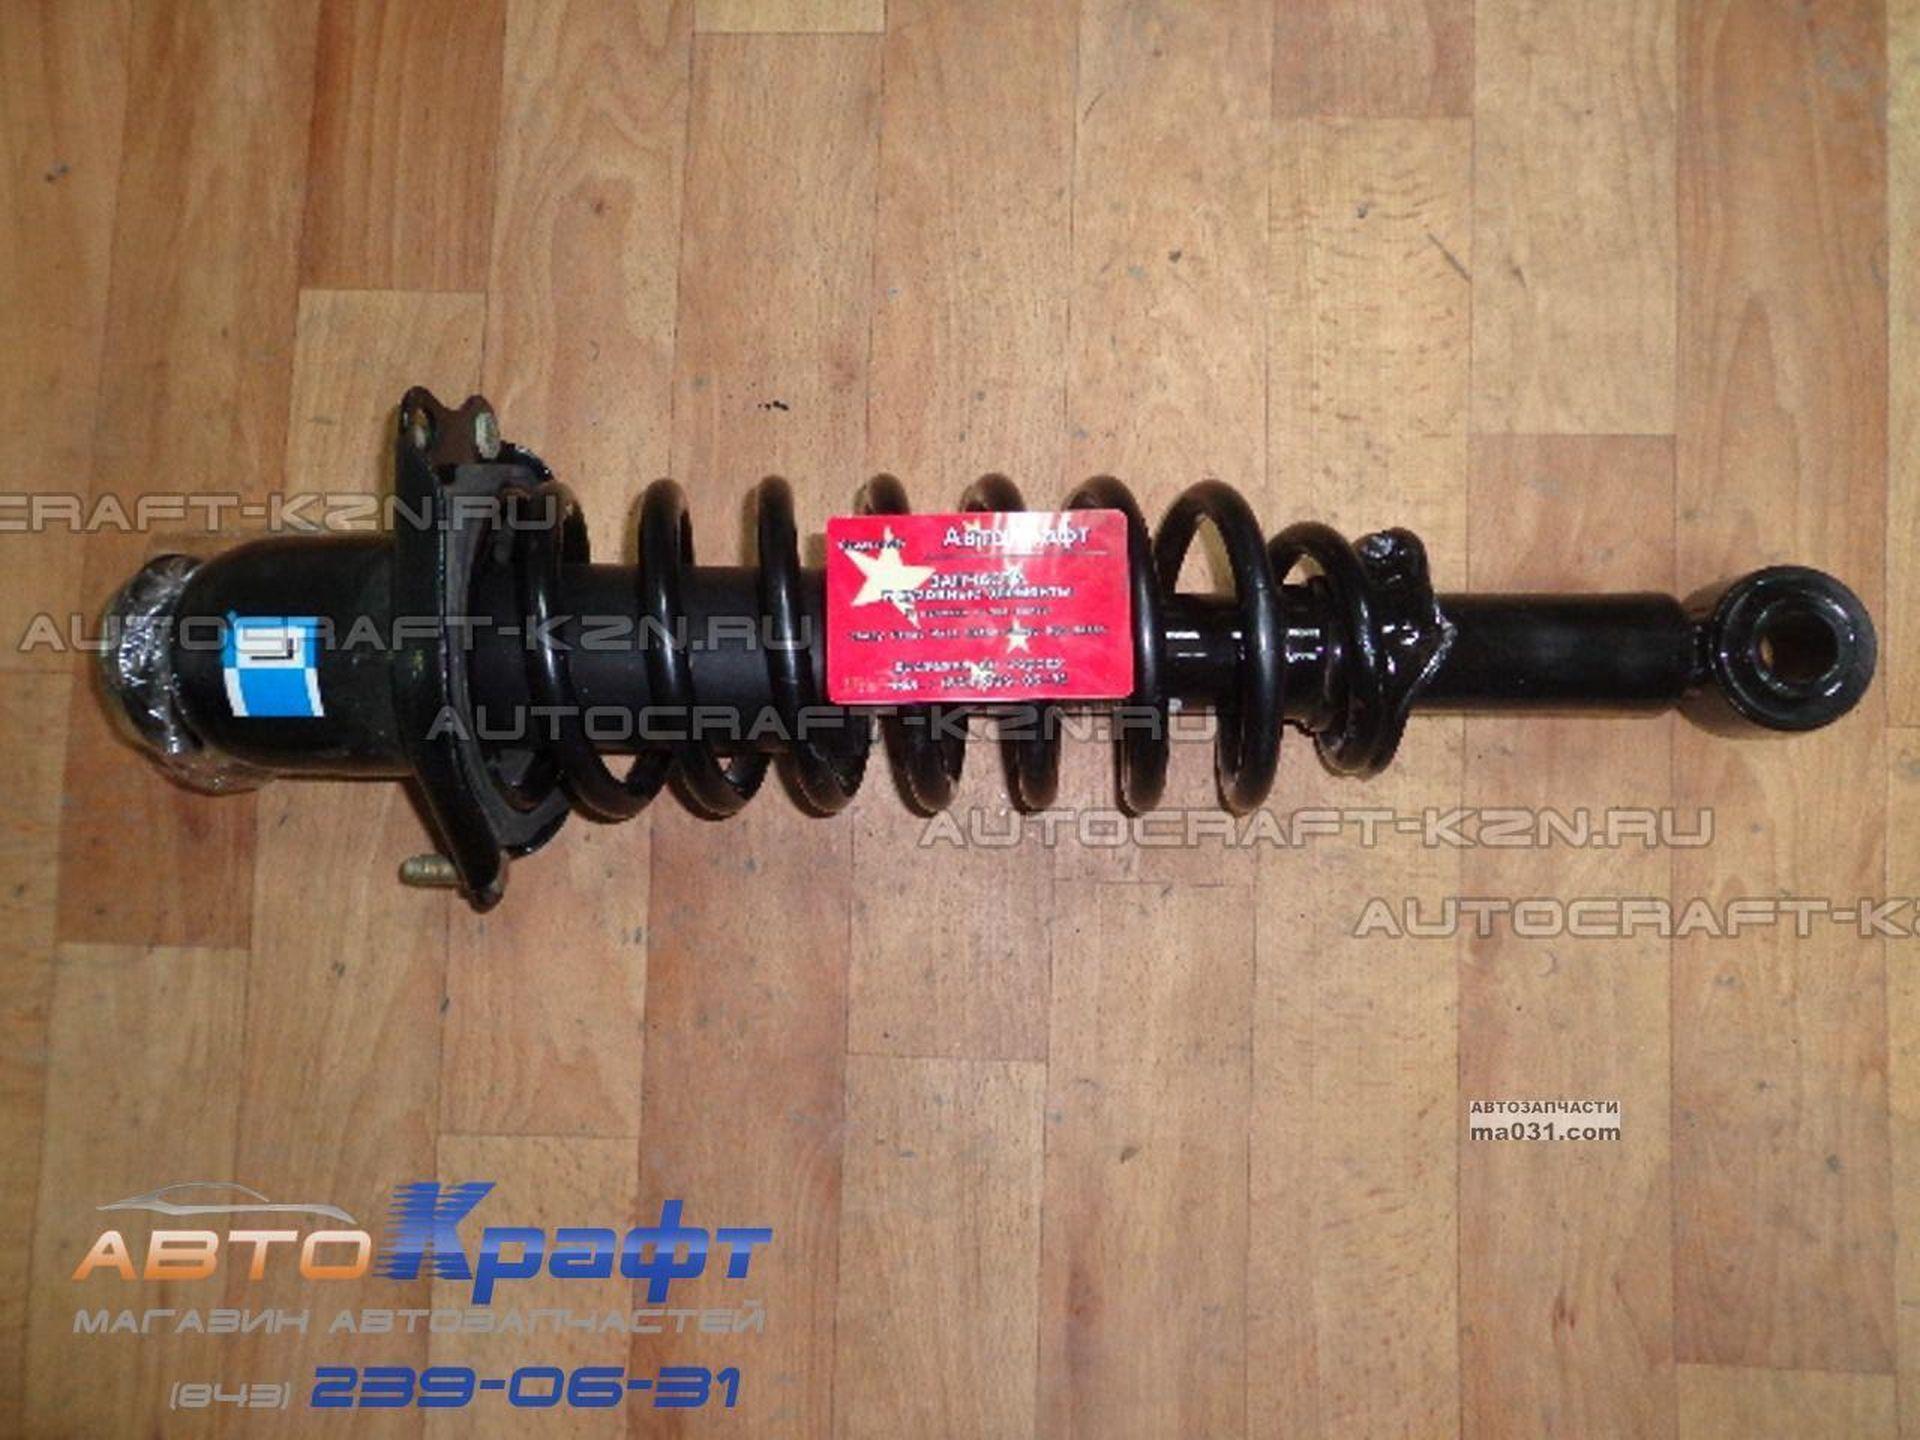 Byd f3 схема передней подвески